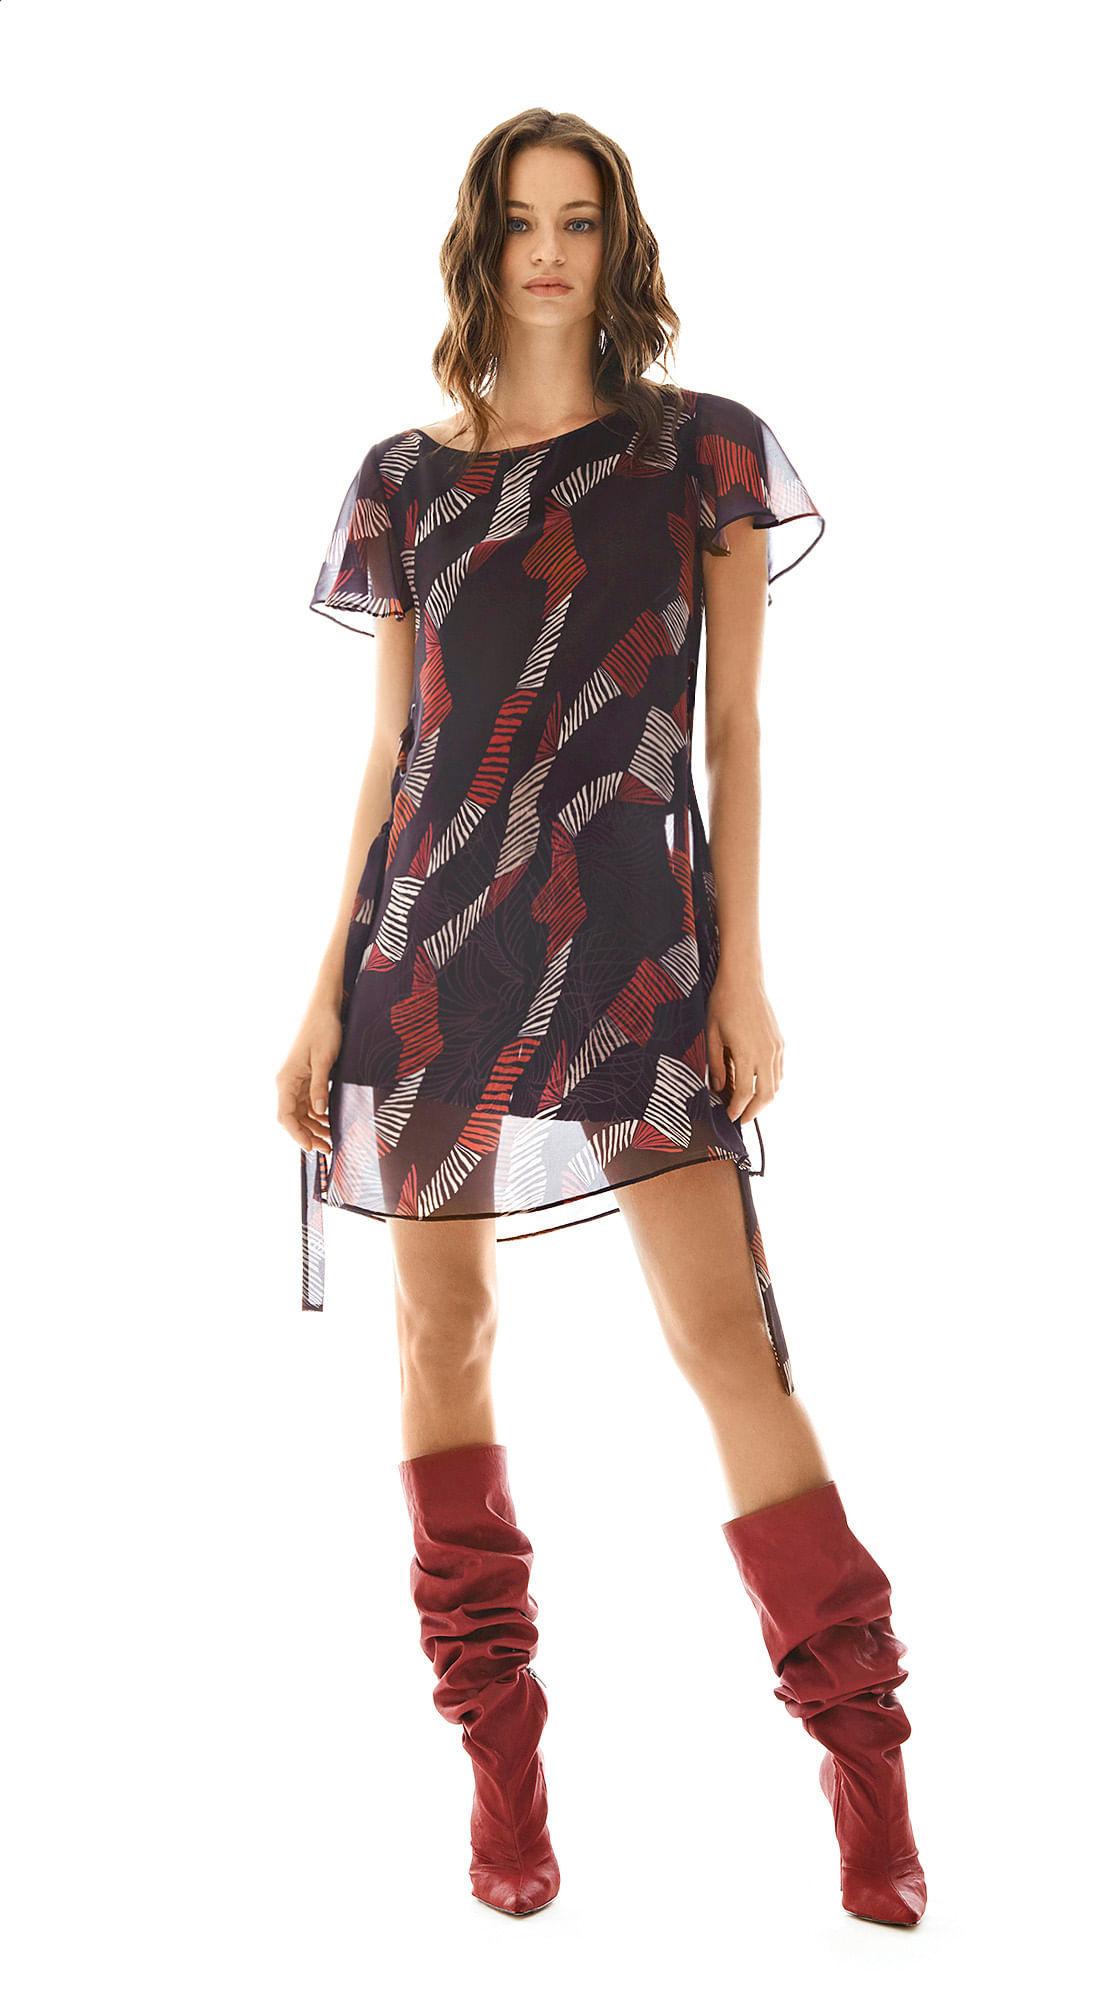 e4df470996 Blusa Decote Redondo Manga Curta Abertura Lateral Vermelho - morenarosa